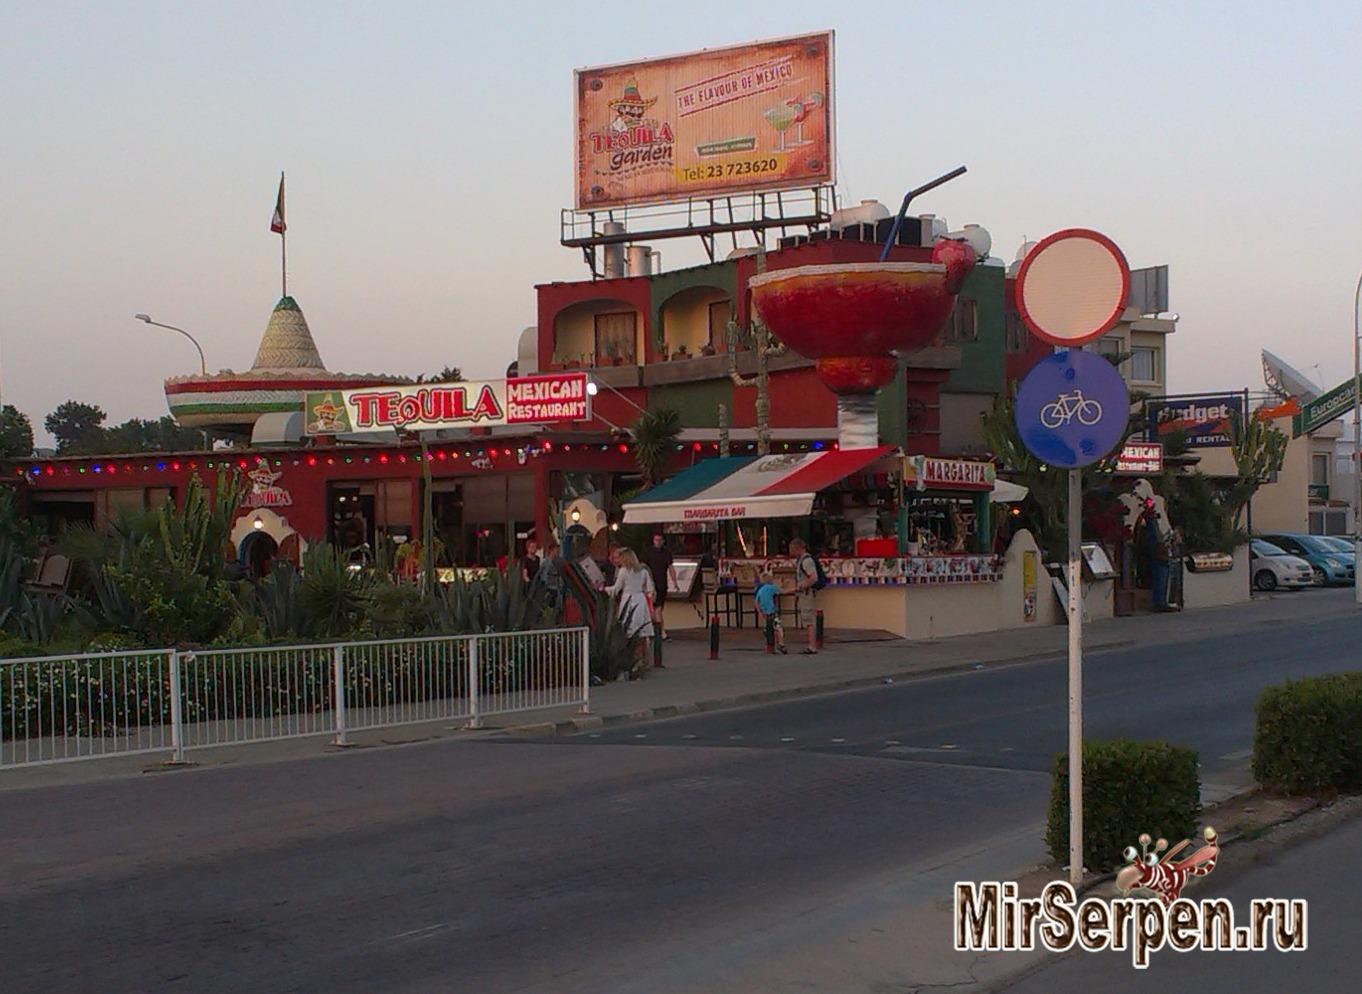 """Рестораны мексиканской кухни """"Tequila Mexican Garden"""", Айя-Напа, Кипр"""